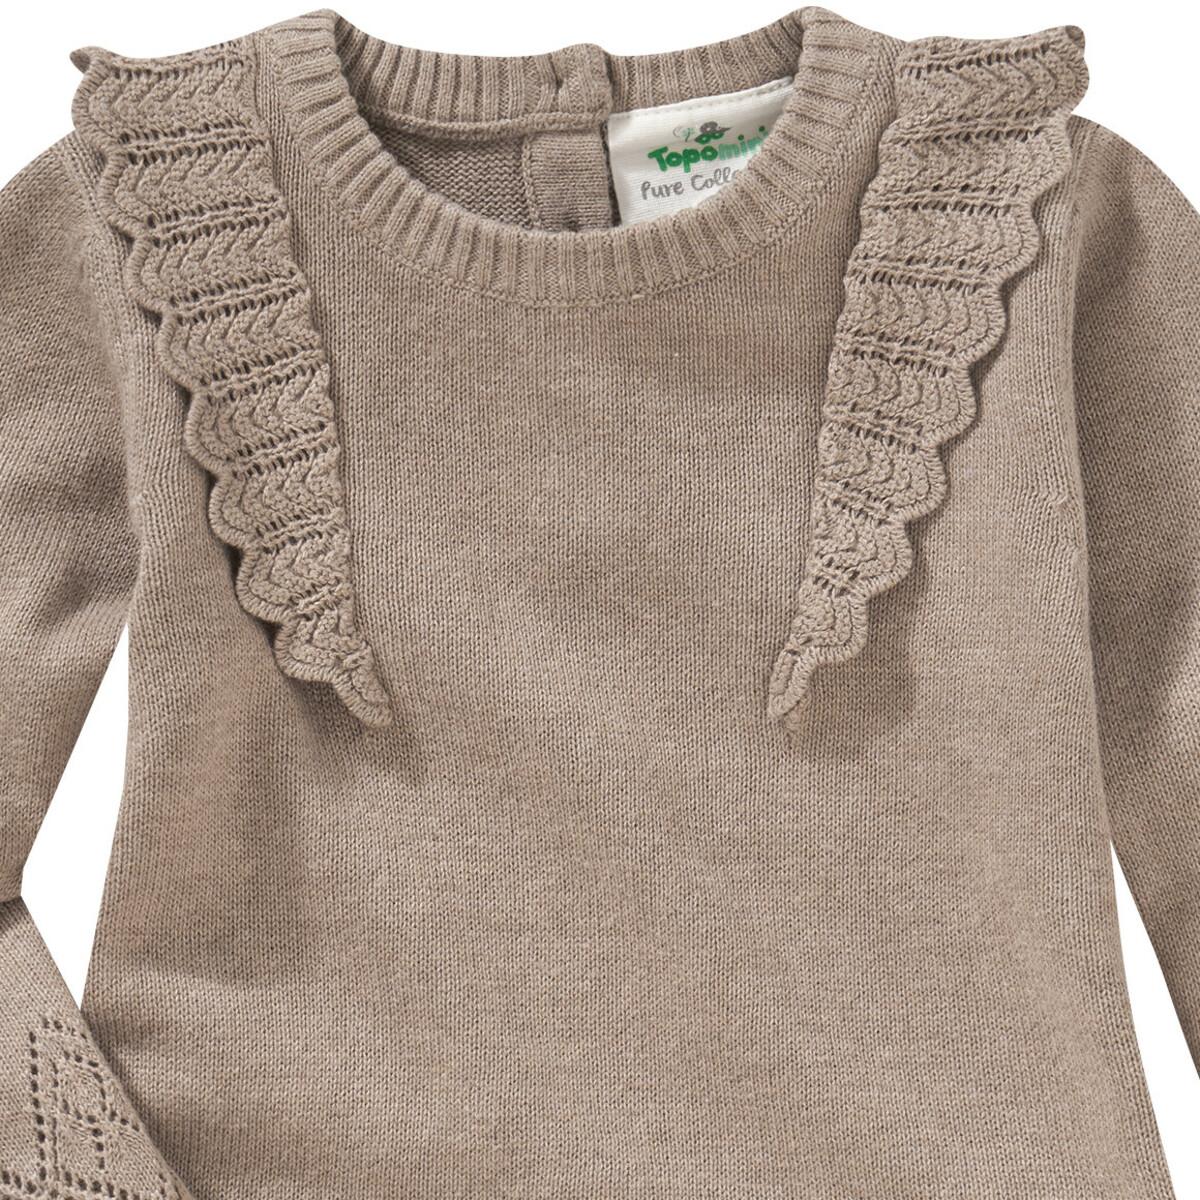 Bild 2 von Baby Strickkleid mit Rüschen